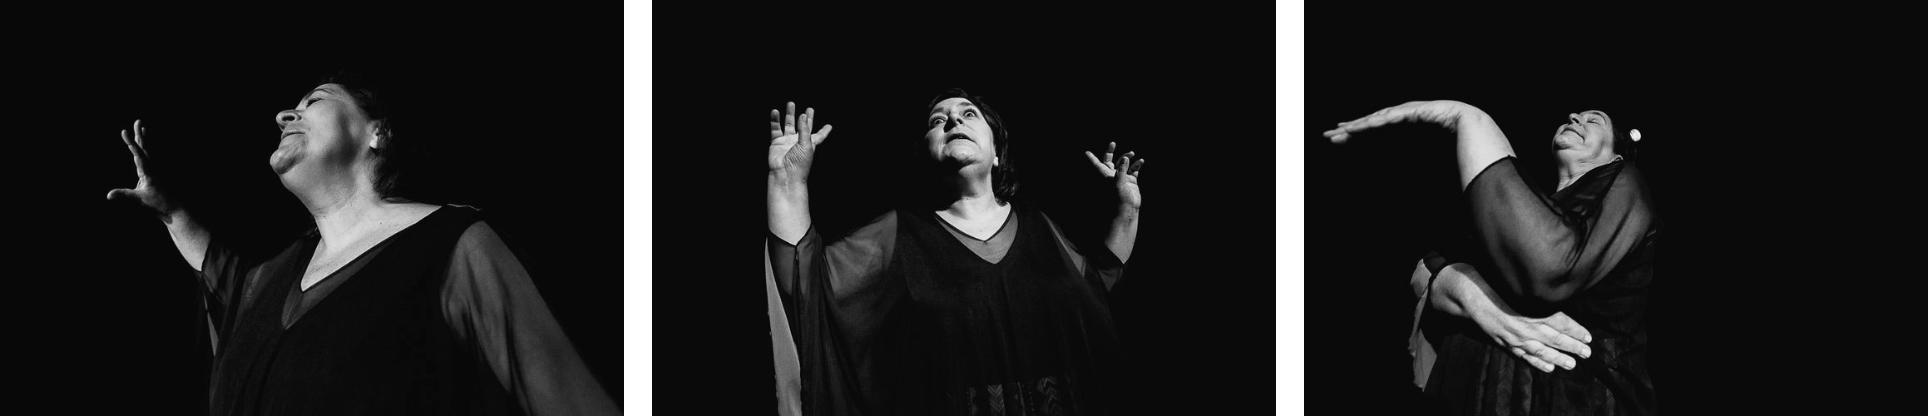 Doroteia Serafim bonjourmolotov Andre Gigante Photography 02.png